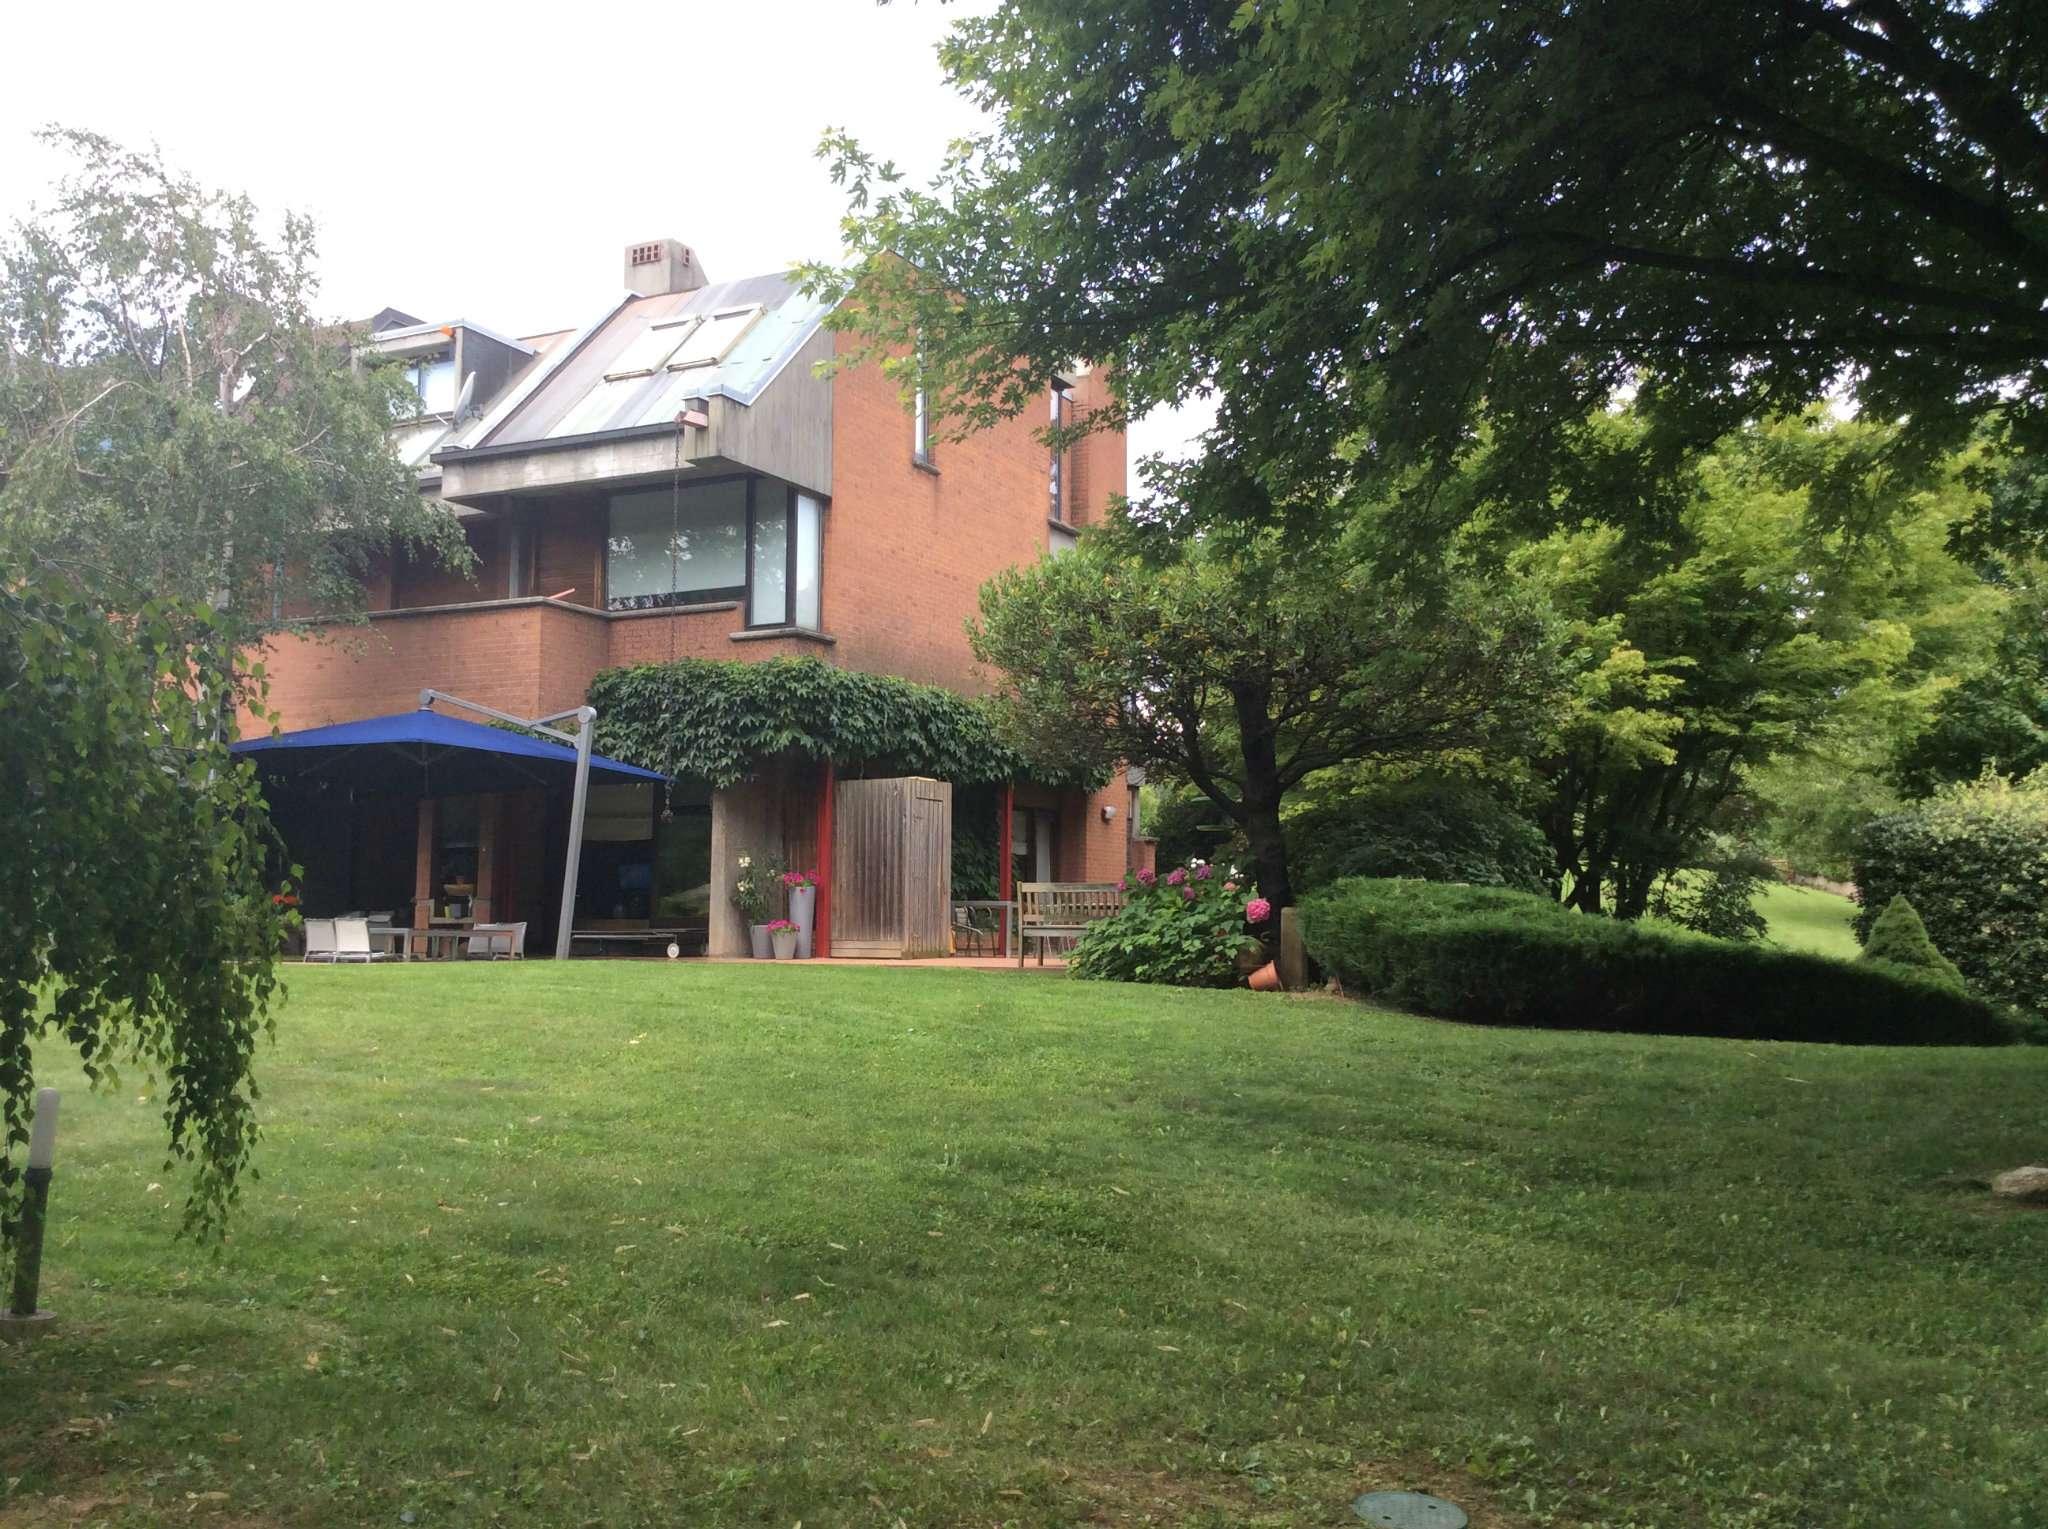 Villa in vendita a Villarbasse, 6 locali, prezzo € 290.000 | PortaleAgenzieImmobiliari.it